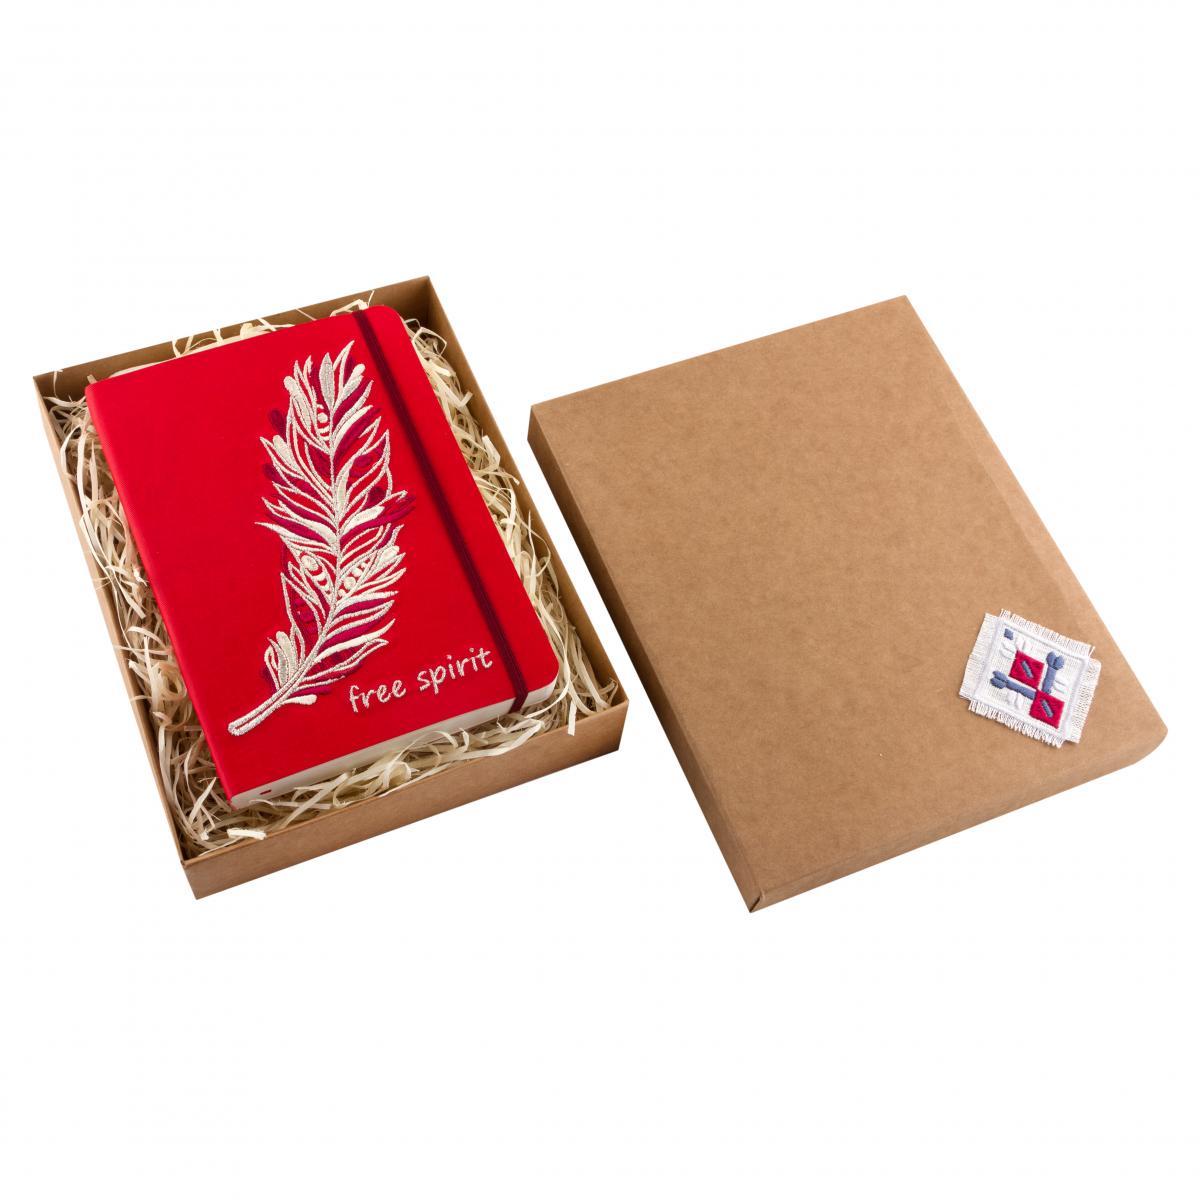 Блокнот из эко-кожи с вышитой пером Free spirit, красный. Фото №3. | Народный дом Украина